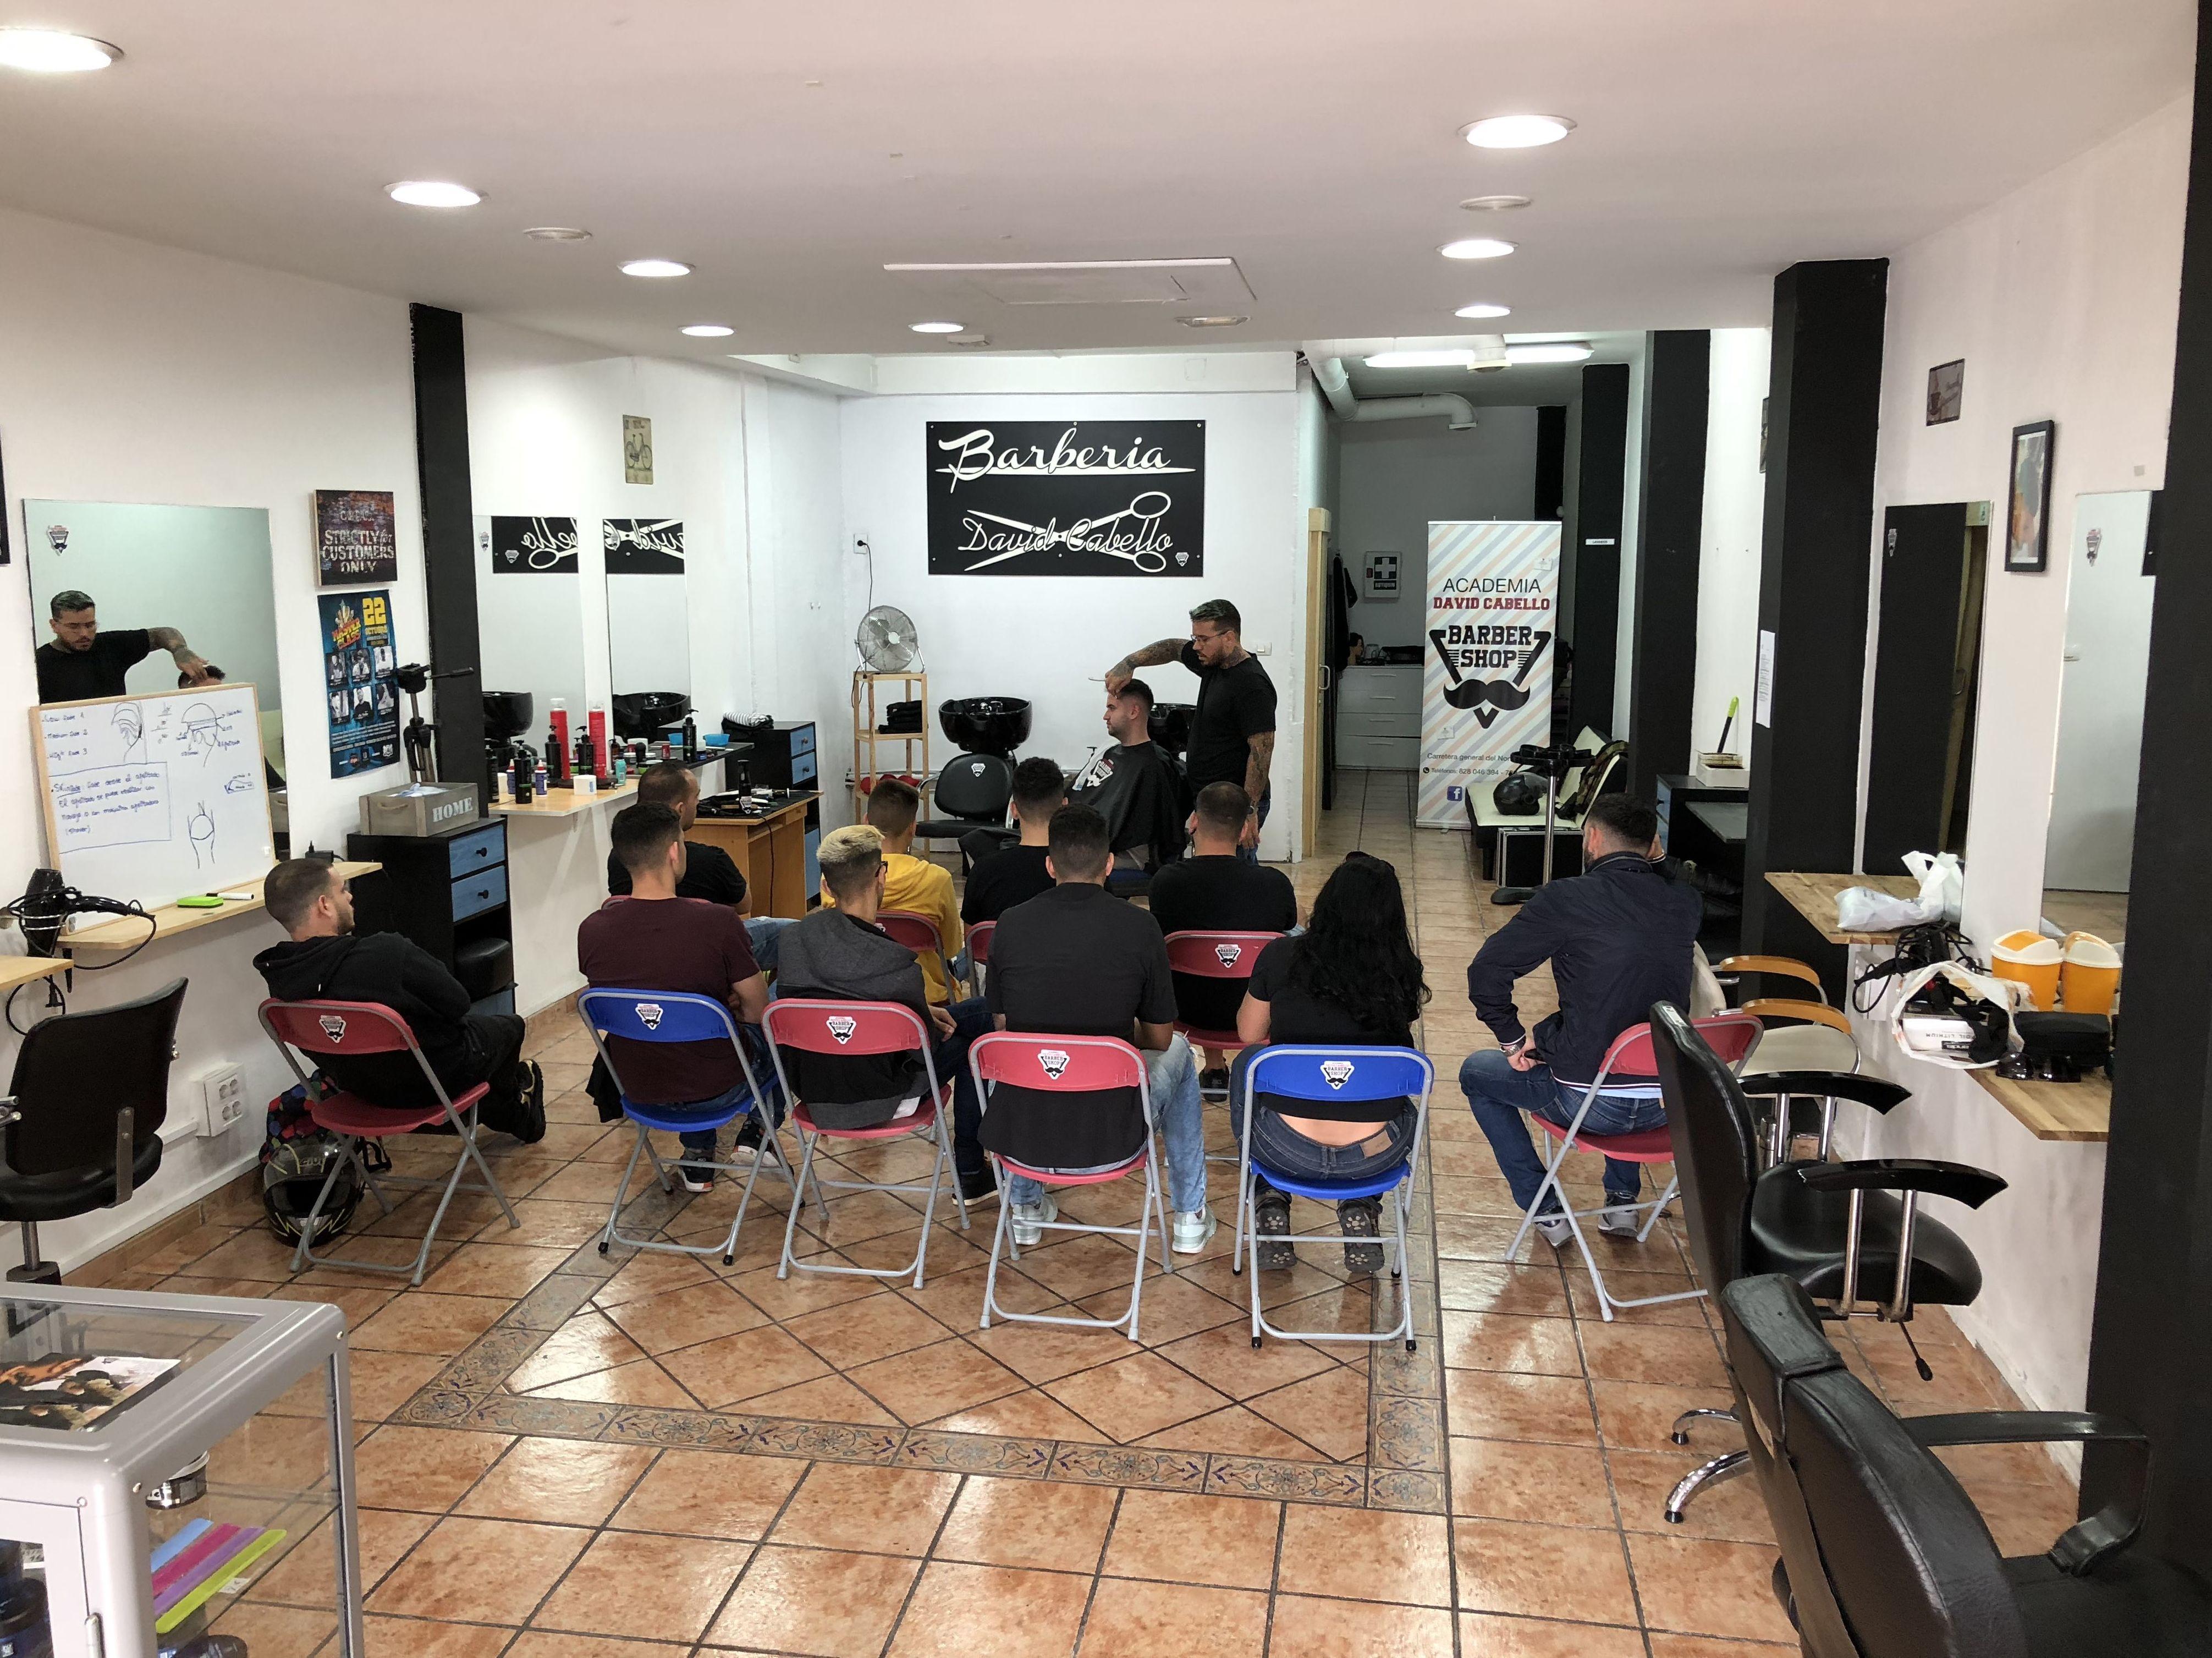 Foto 23 de Academia de peluquería y barbería en Las palmas | Academia de Barbería David Cabello